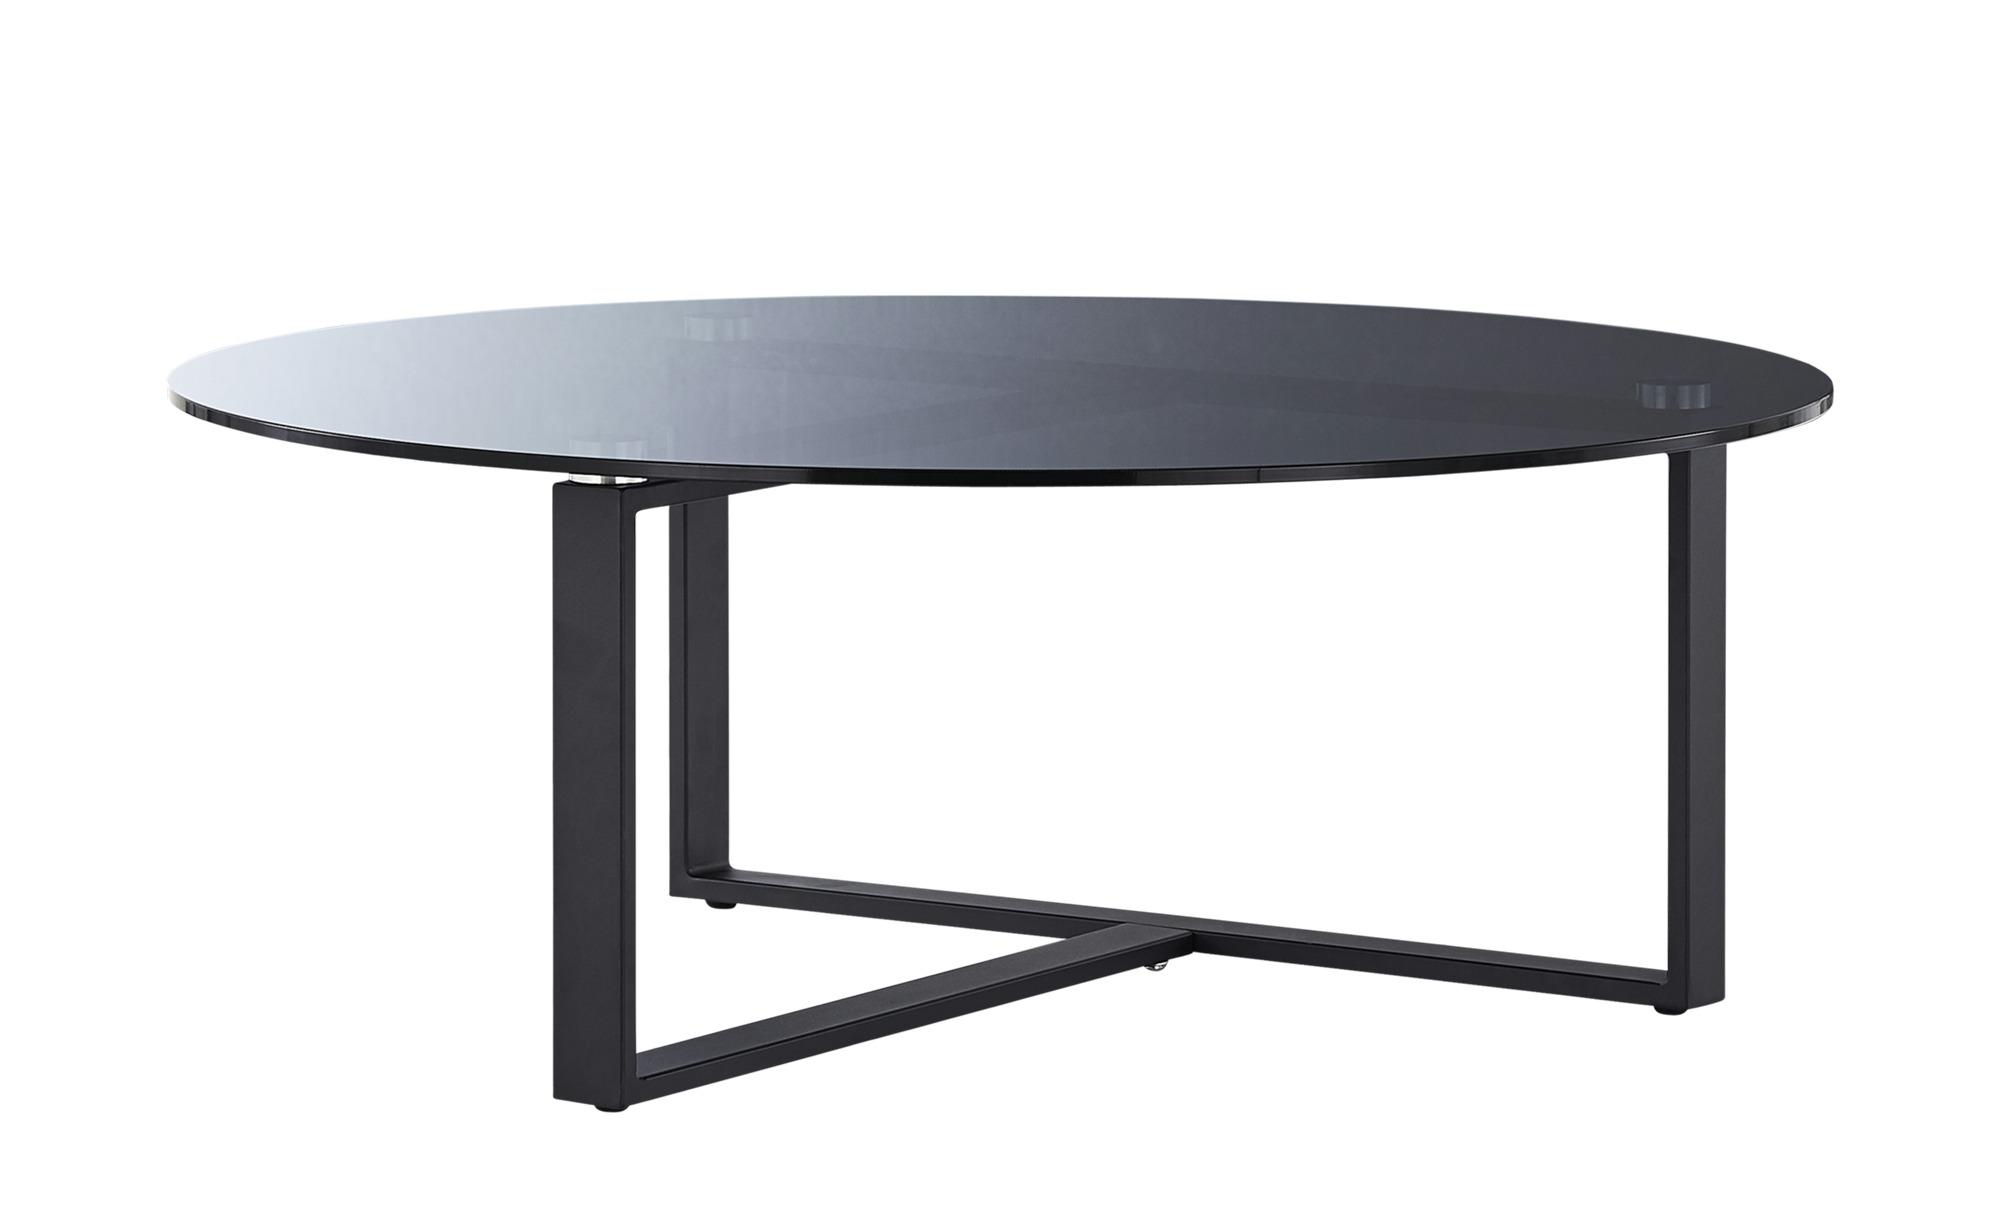 Couchtisch  Panarea ¦ blau ¦ Maße (cm): H: 38,5 Ø: [100.0] Tische > Couchtische > Couchtische rund - Höffner